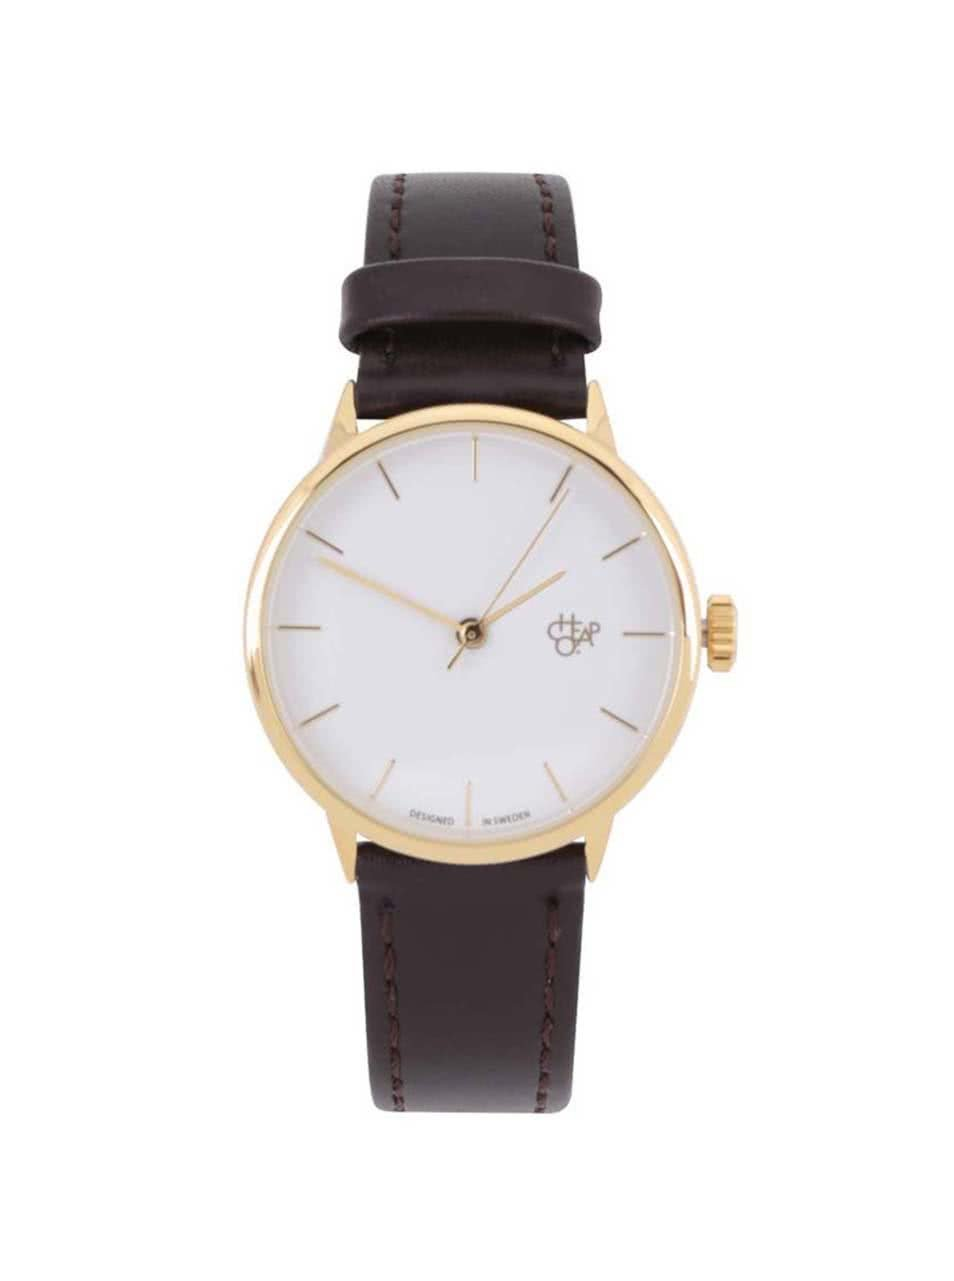 Dámské hodinky ve zlaté barvě s tmavě hnědým páskem z veganské kůže CHPO Khorshid Mini Gold